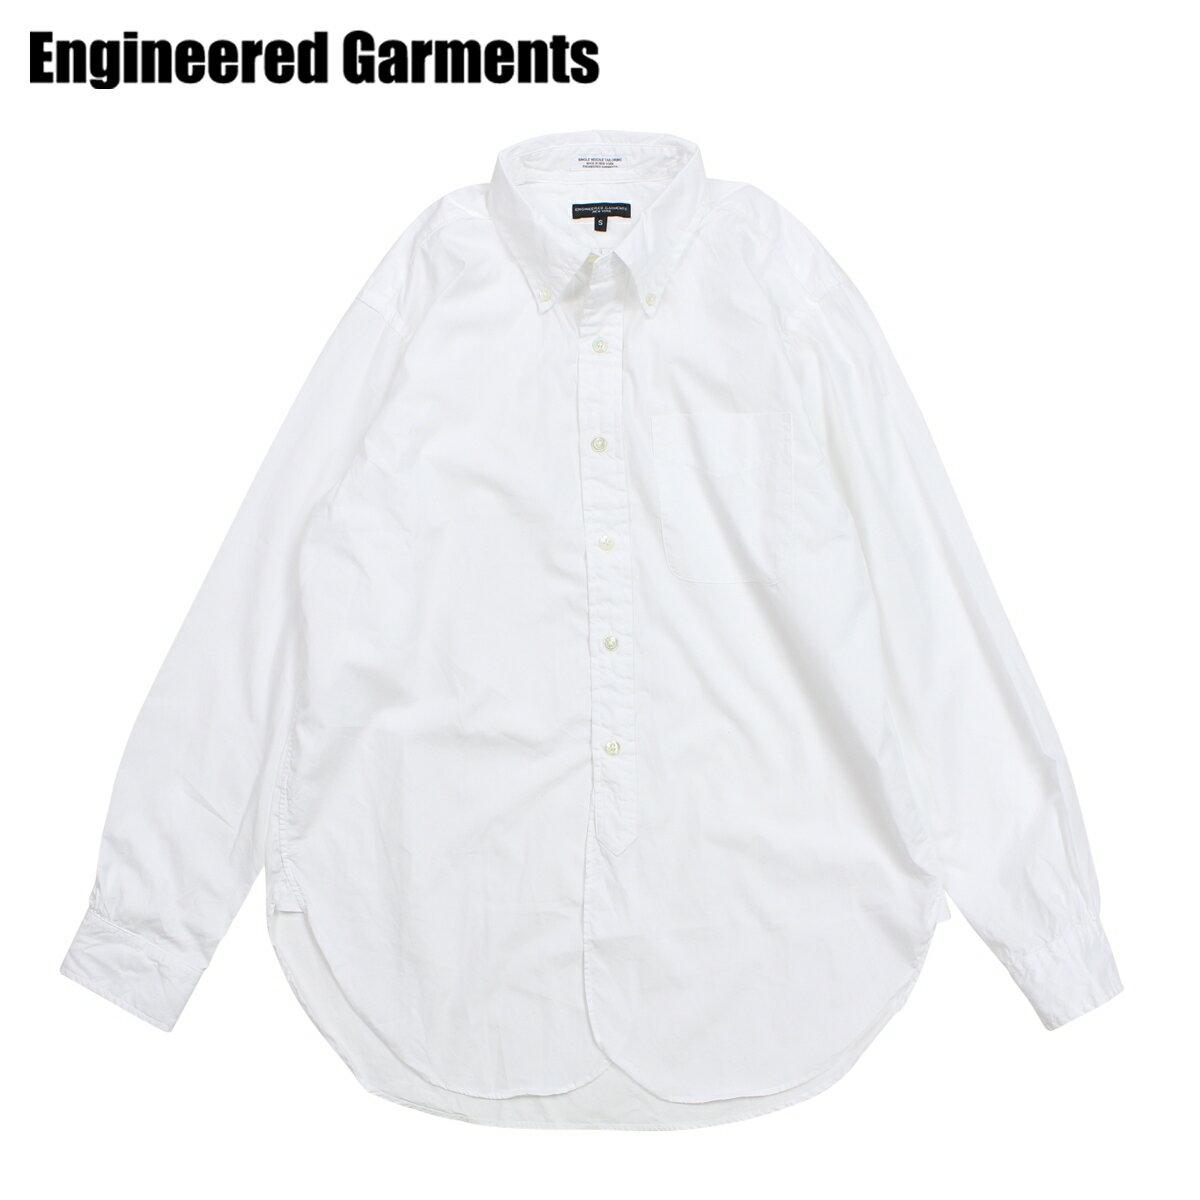 【最大2000円OFFクーポン】 エンジニアドガーメンツ ENGINEERED GARMENTS シャツ メンズ 長袖 オックスフォードシャツ 19 CENTURY BUTTON DOWN SHIRT ホワイト F8A0111